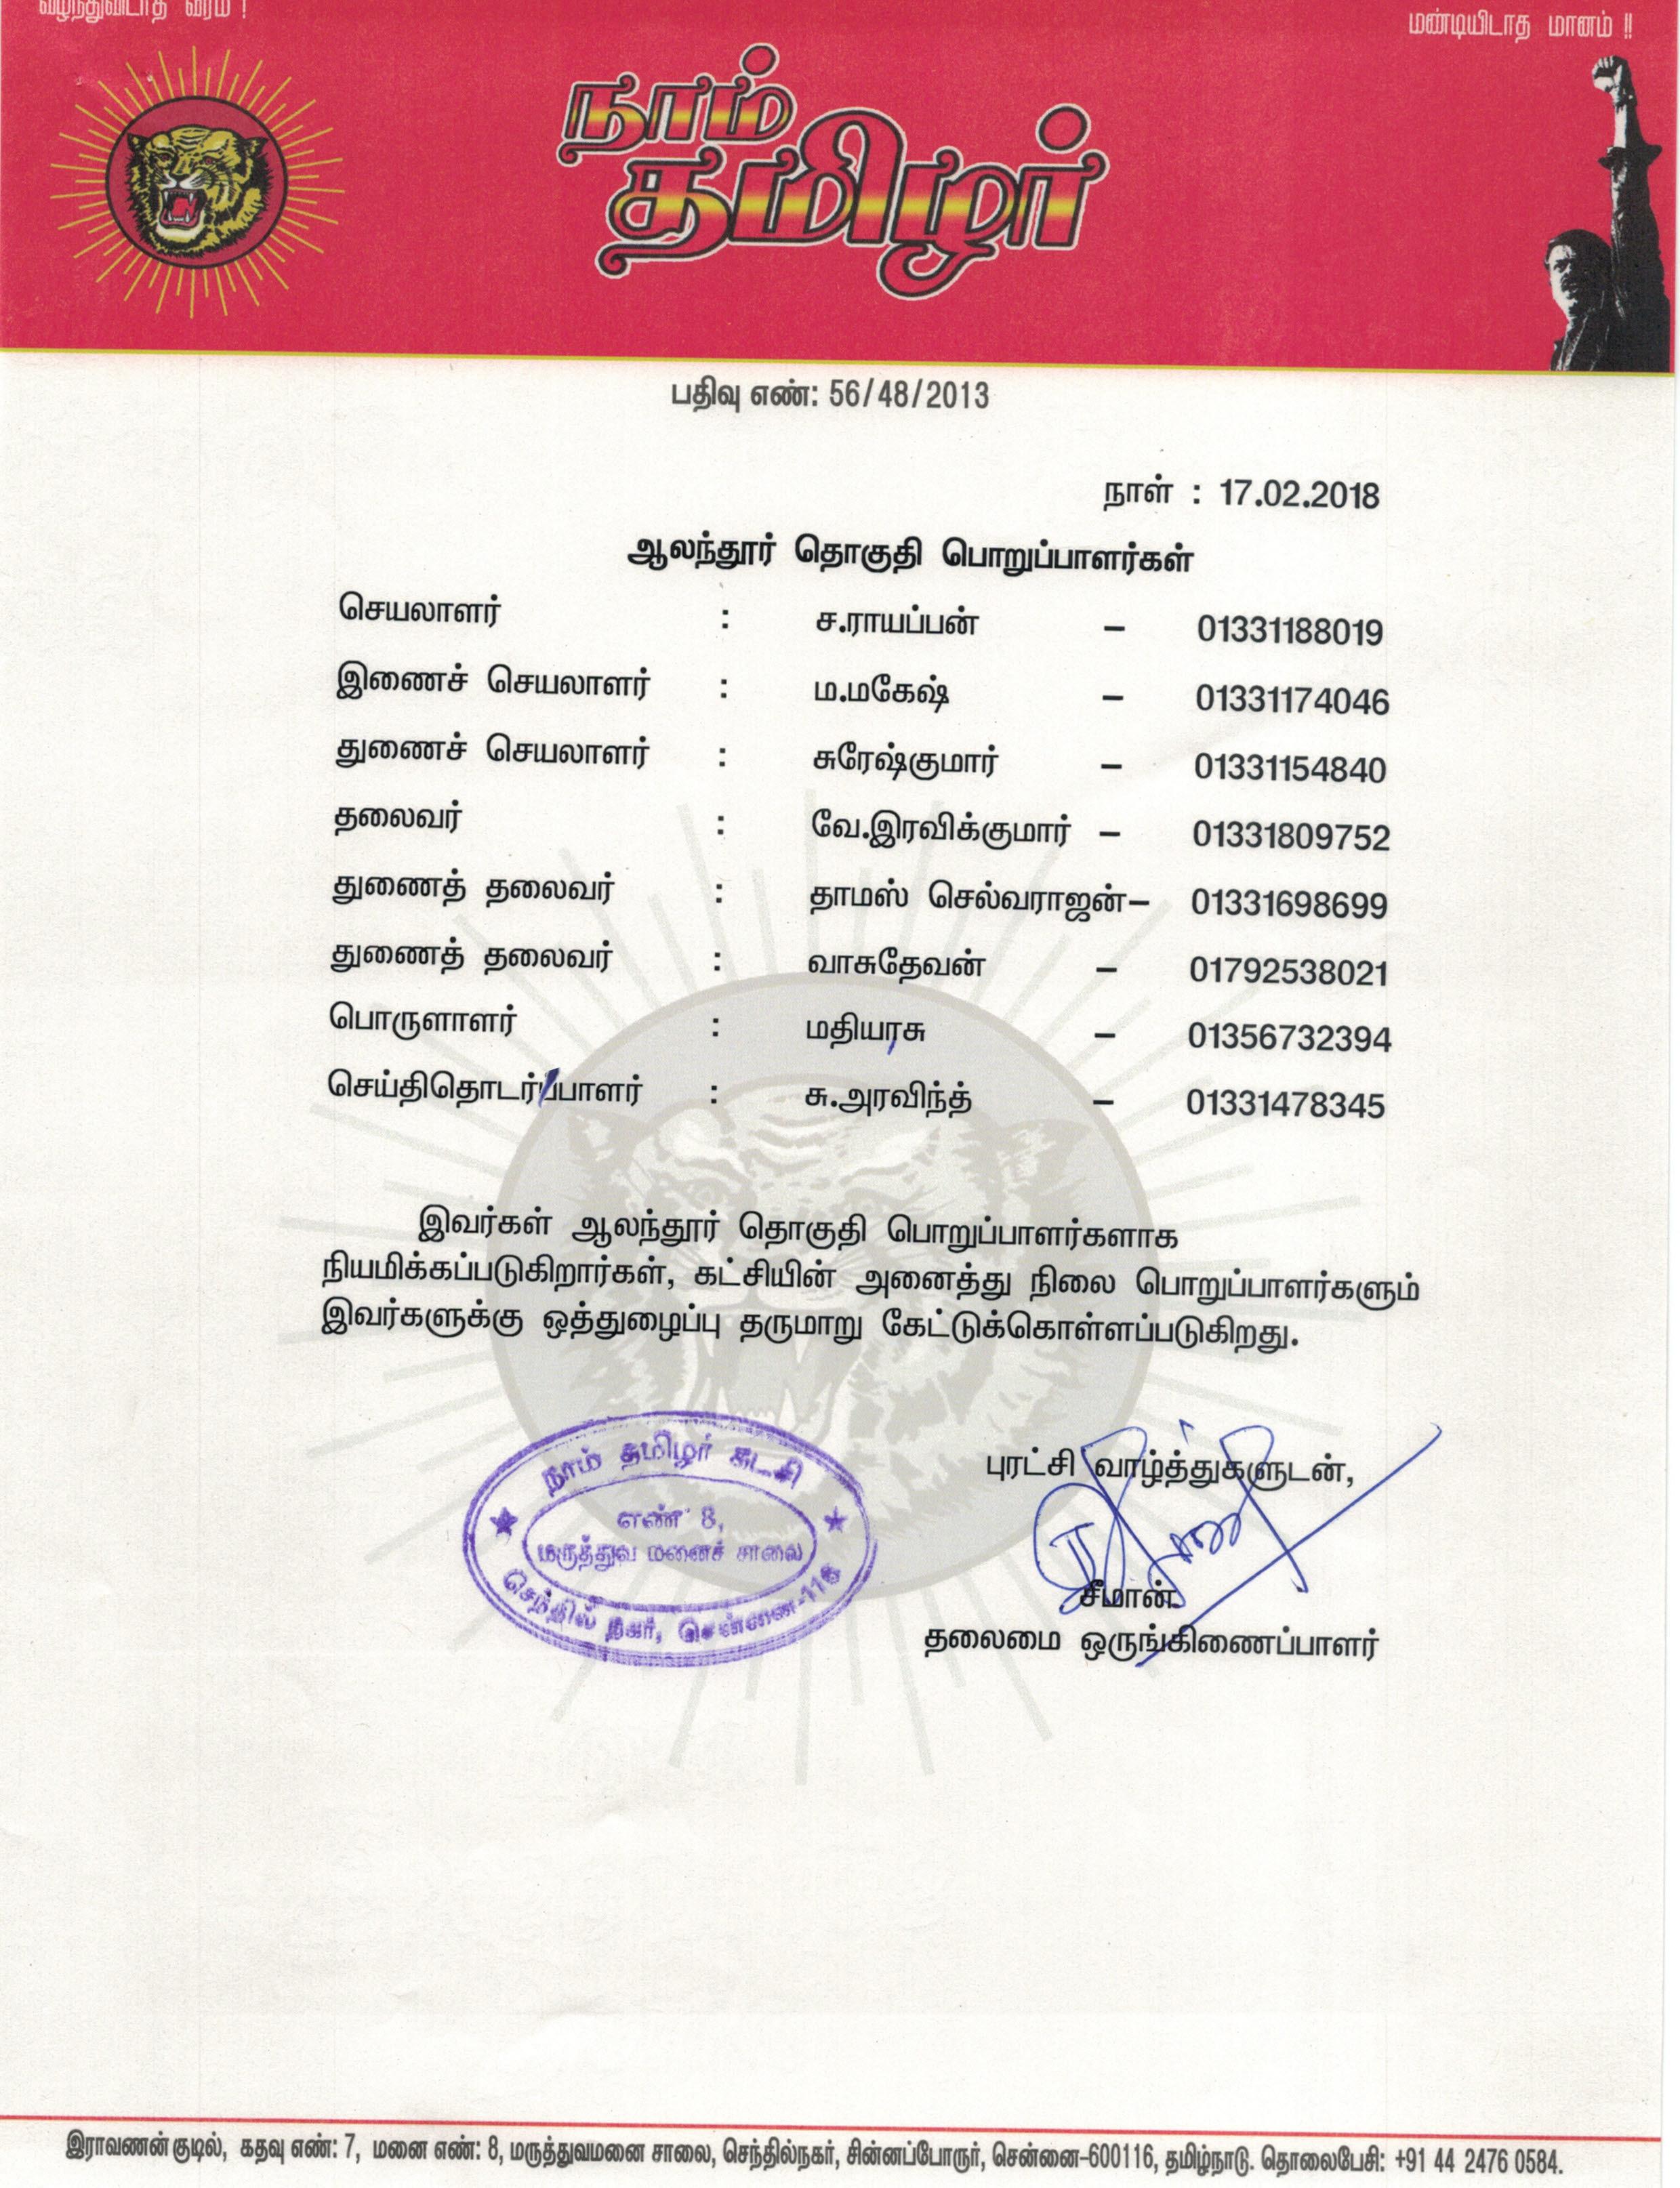 மாவட்டப் பொறுப்பாளர்களுடன் சீமான் சந்திப்பு மற்றும் புதிய நிர்வாகிகள் நியமனம் – (காஞ்சிபுரம் : கிழக்கு மண்டலம் ) seeman announced alandur constituency naam tamilar katchi authorities 2018